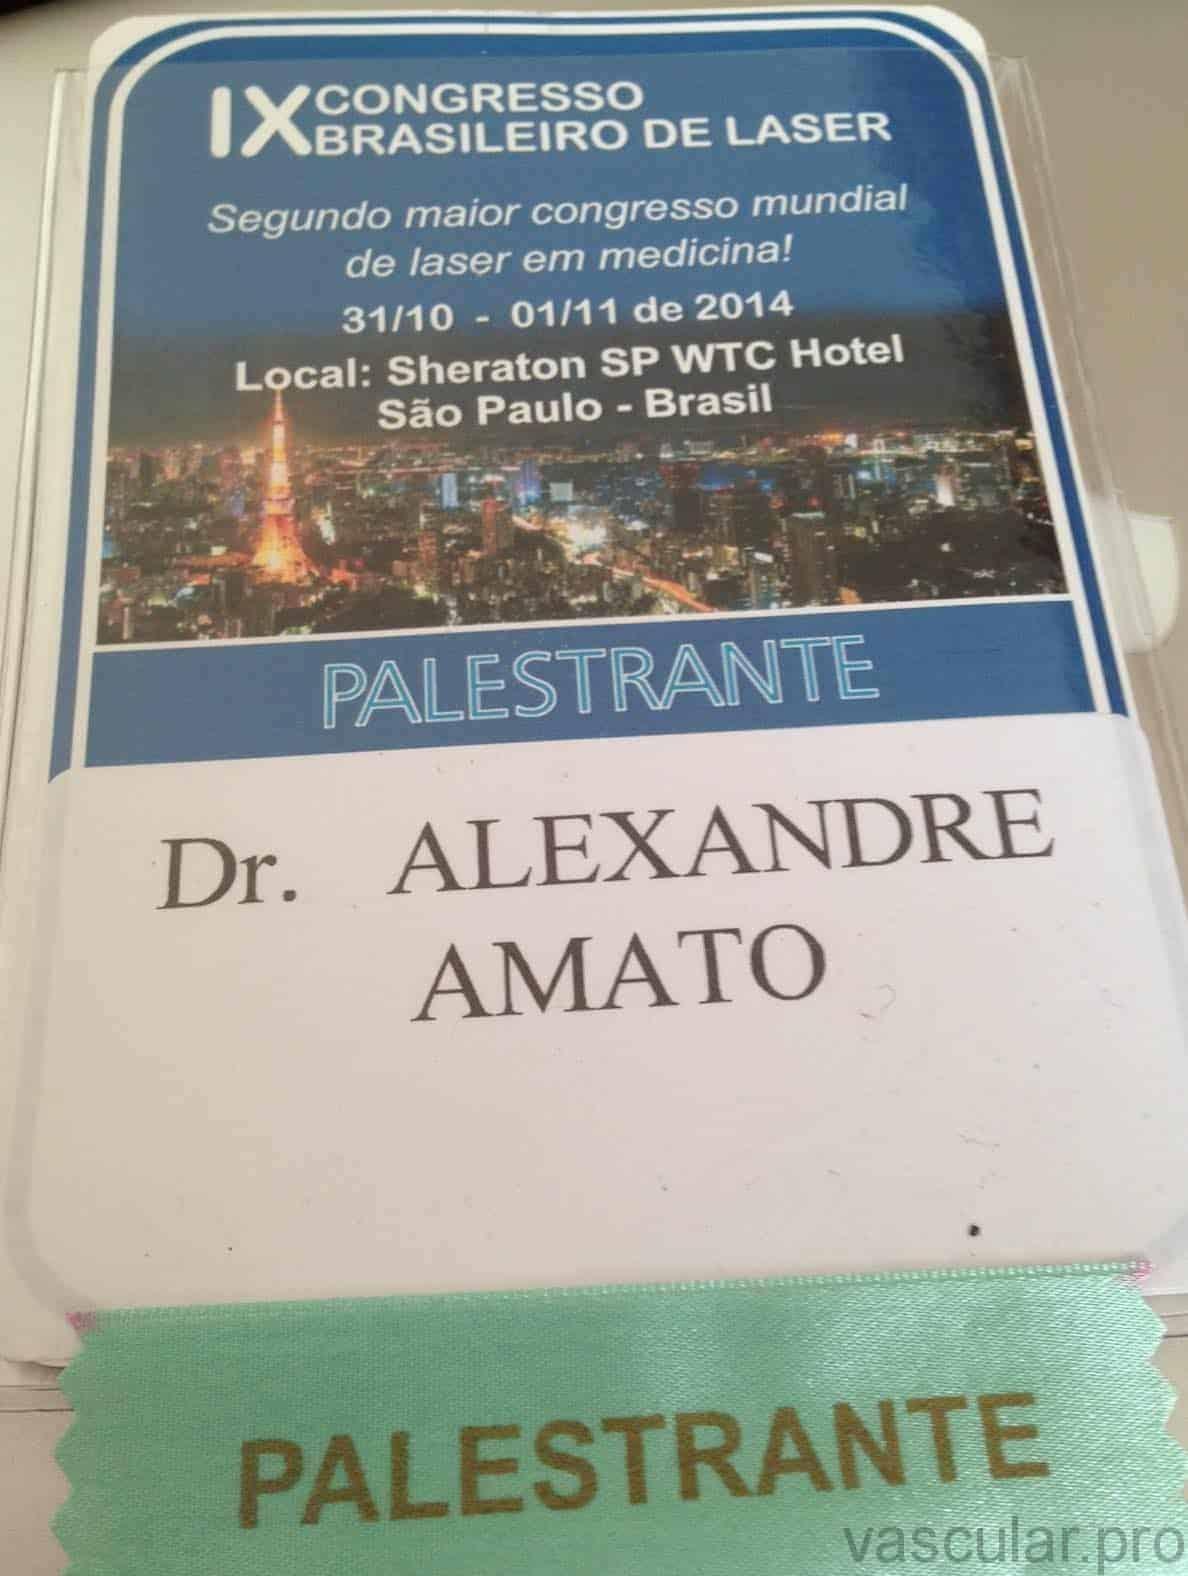 Palestrante no Congresso Brasileiro de Laser, aula sobre varizes